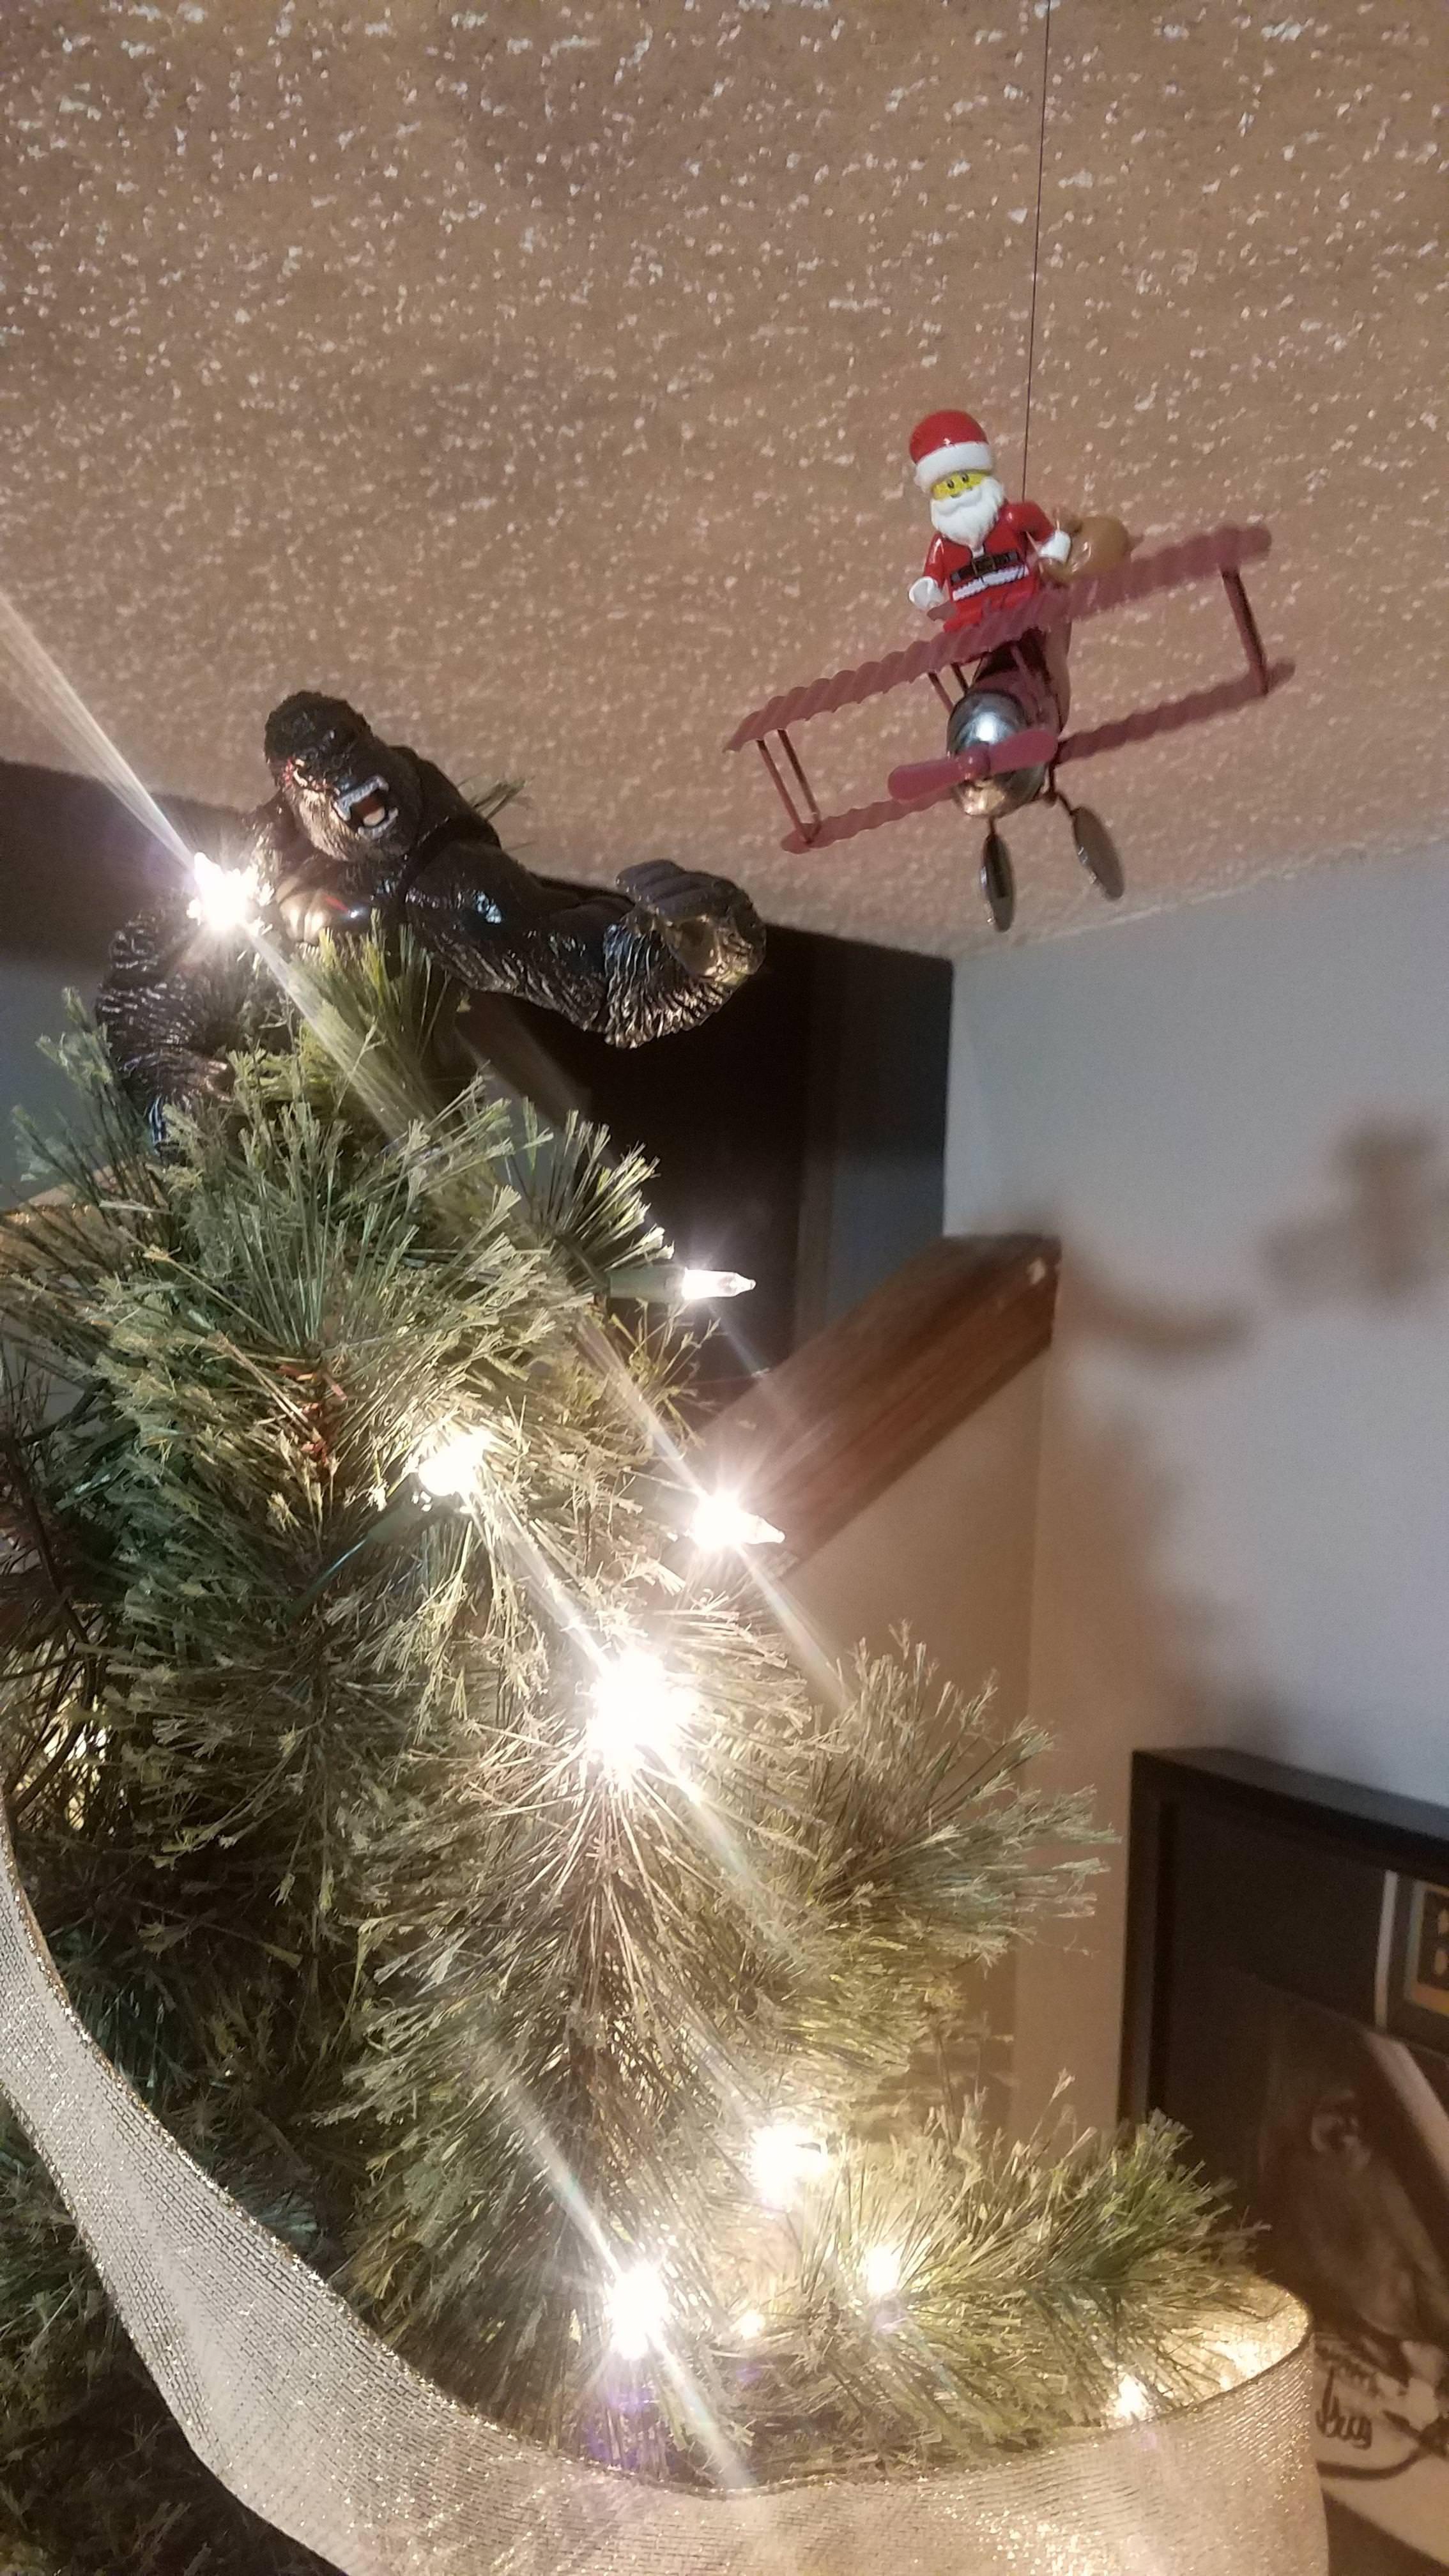 King Kong Christmas Tree Topper Christmas Tree Toppers Tree Toppers Christmas Tree